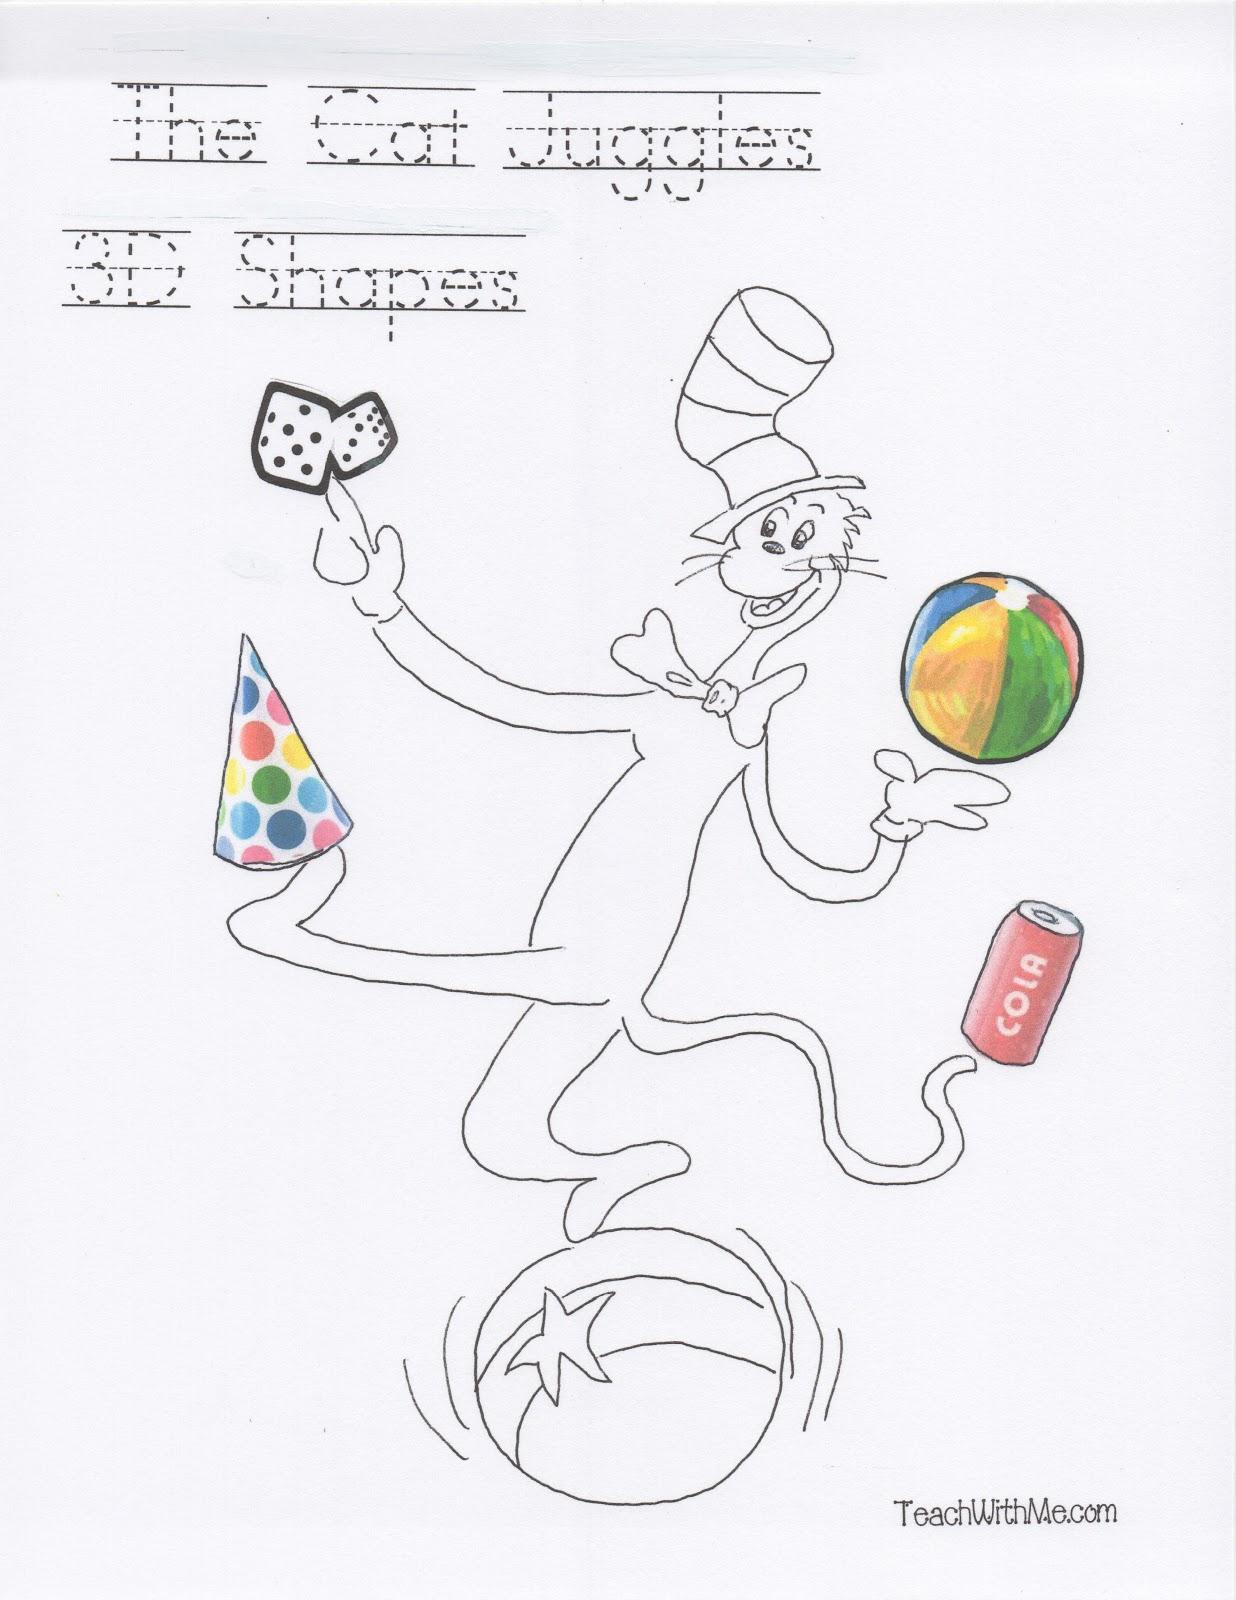 The Cat Juggles 3d Shapes